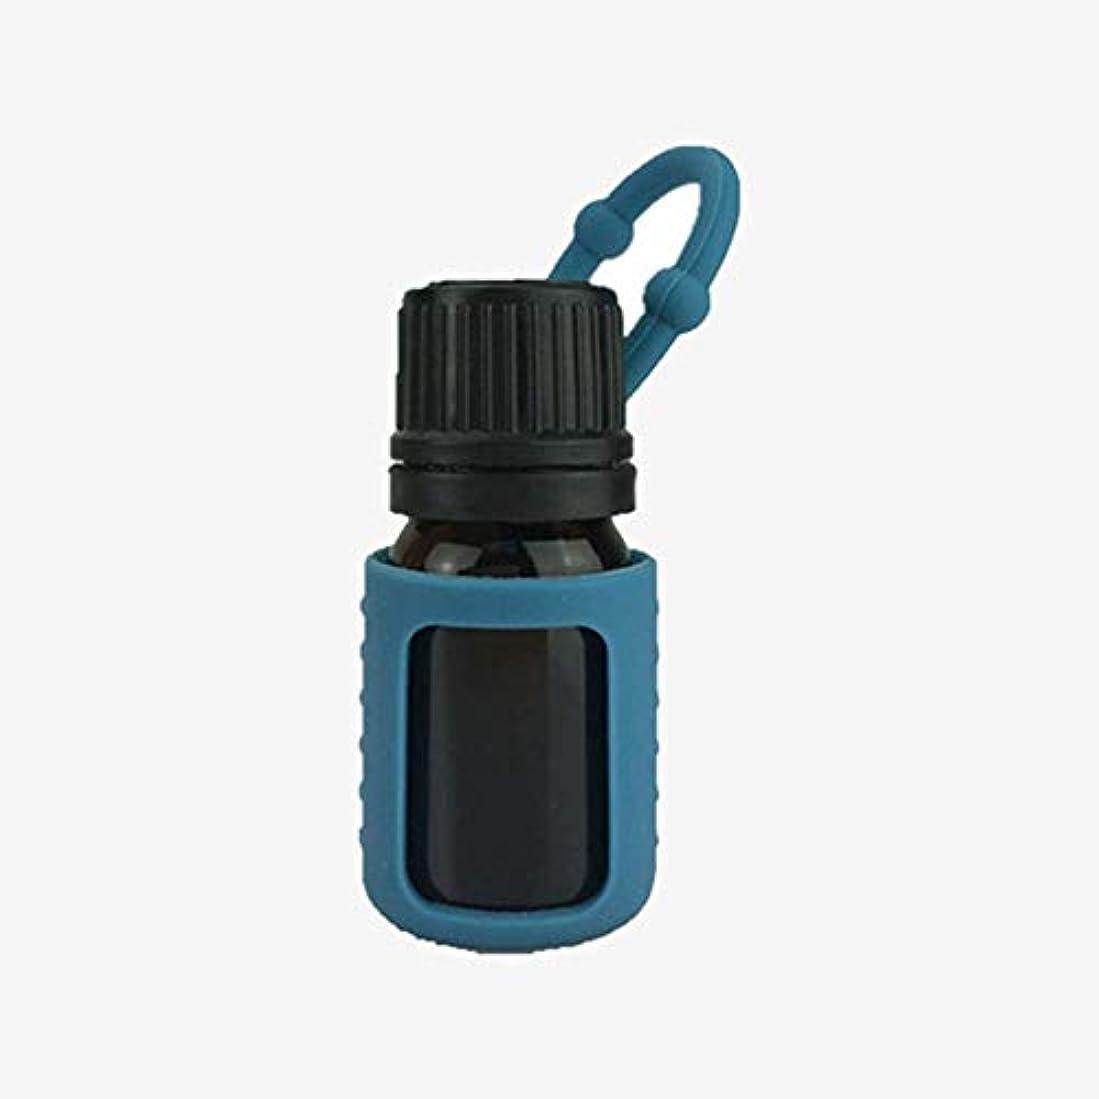 学者ゴールド滝シリコンスリーブ5/10 / 15mlエッセンシャルオイルボトルプロテクターシリコン保護ケースカバーランダムカラー